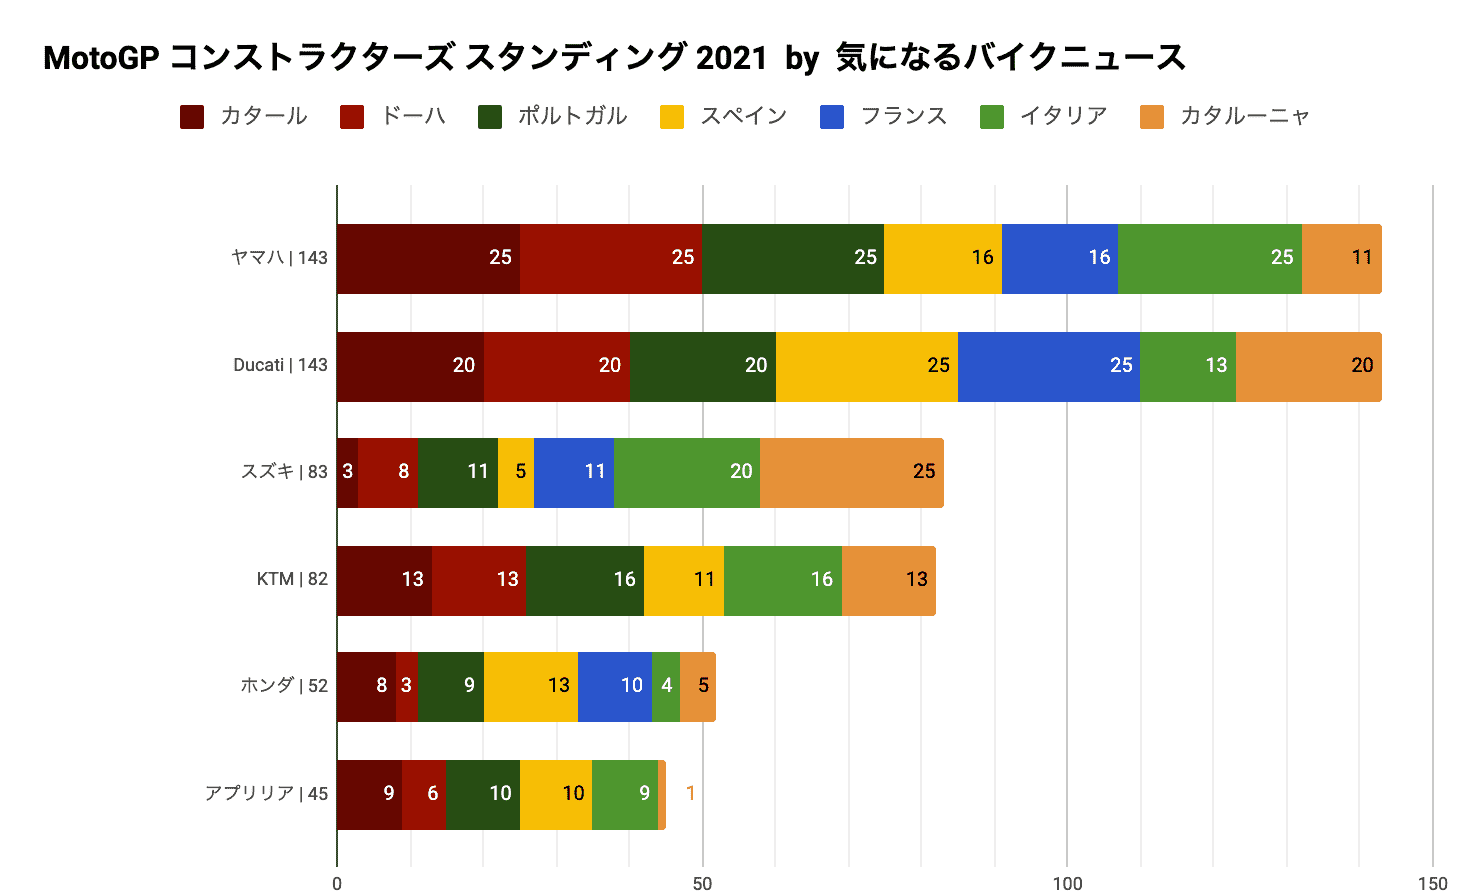 MotoGP2021 チャンピオンシップ スタンディング(第7戦カタルーニャGP終了時点)